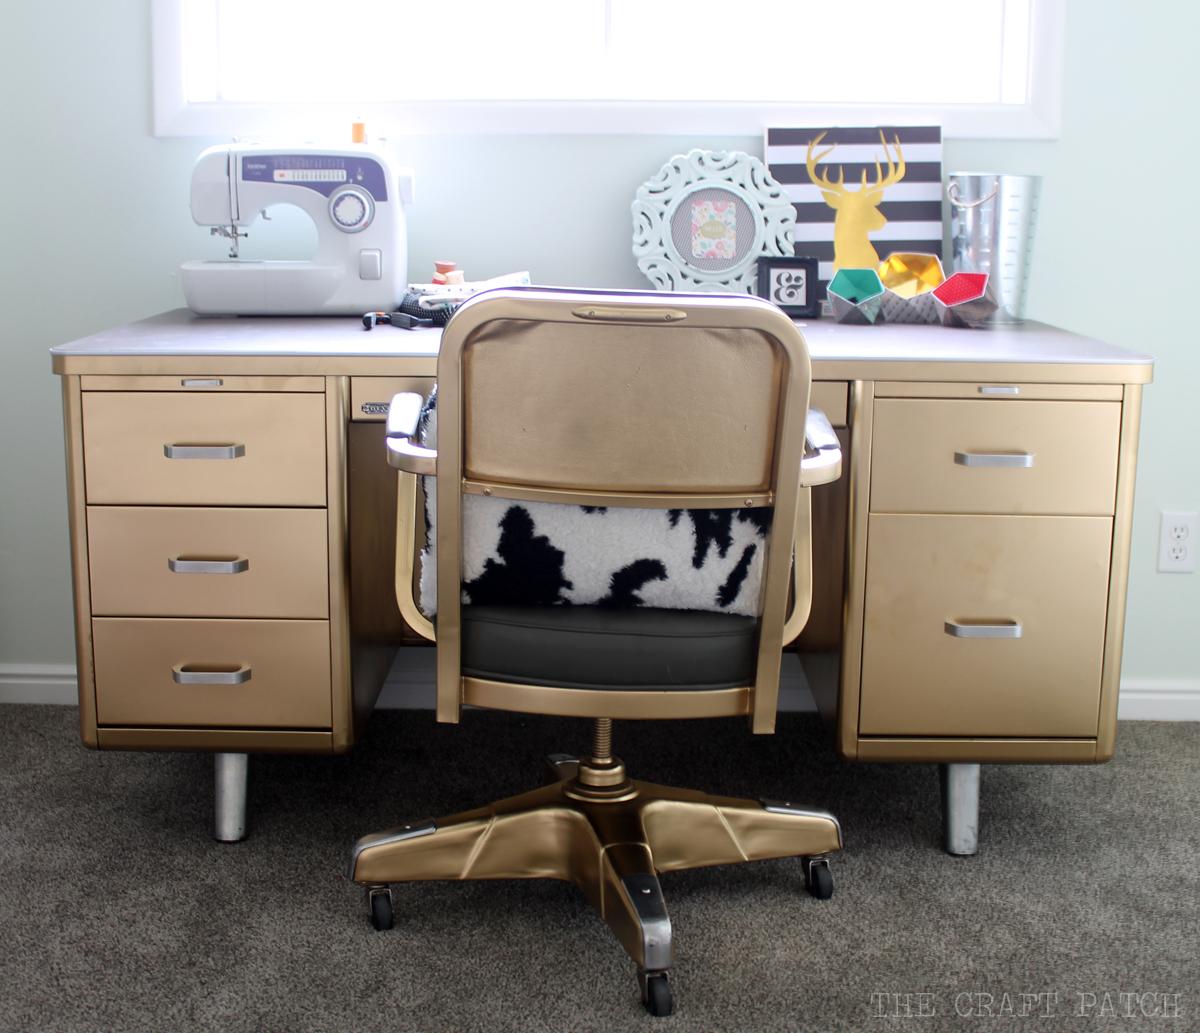 desk image rehab single refinished cropped special pedestal order tanker natural